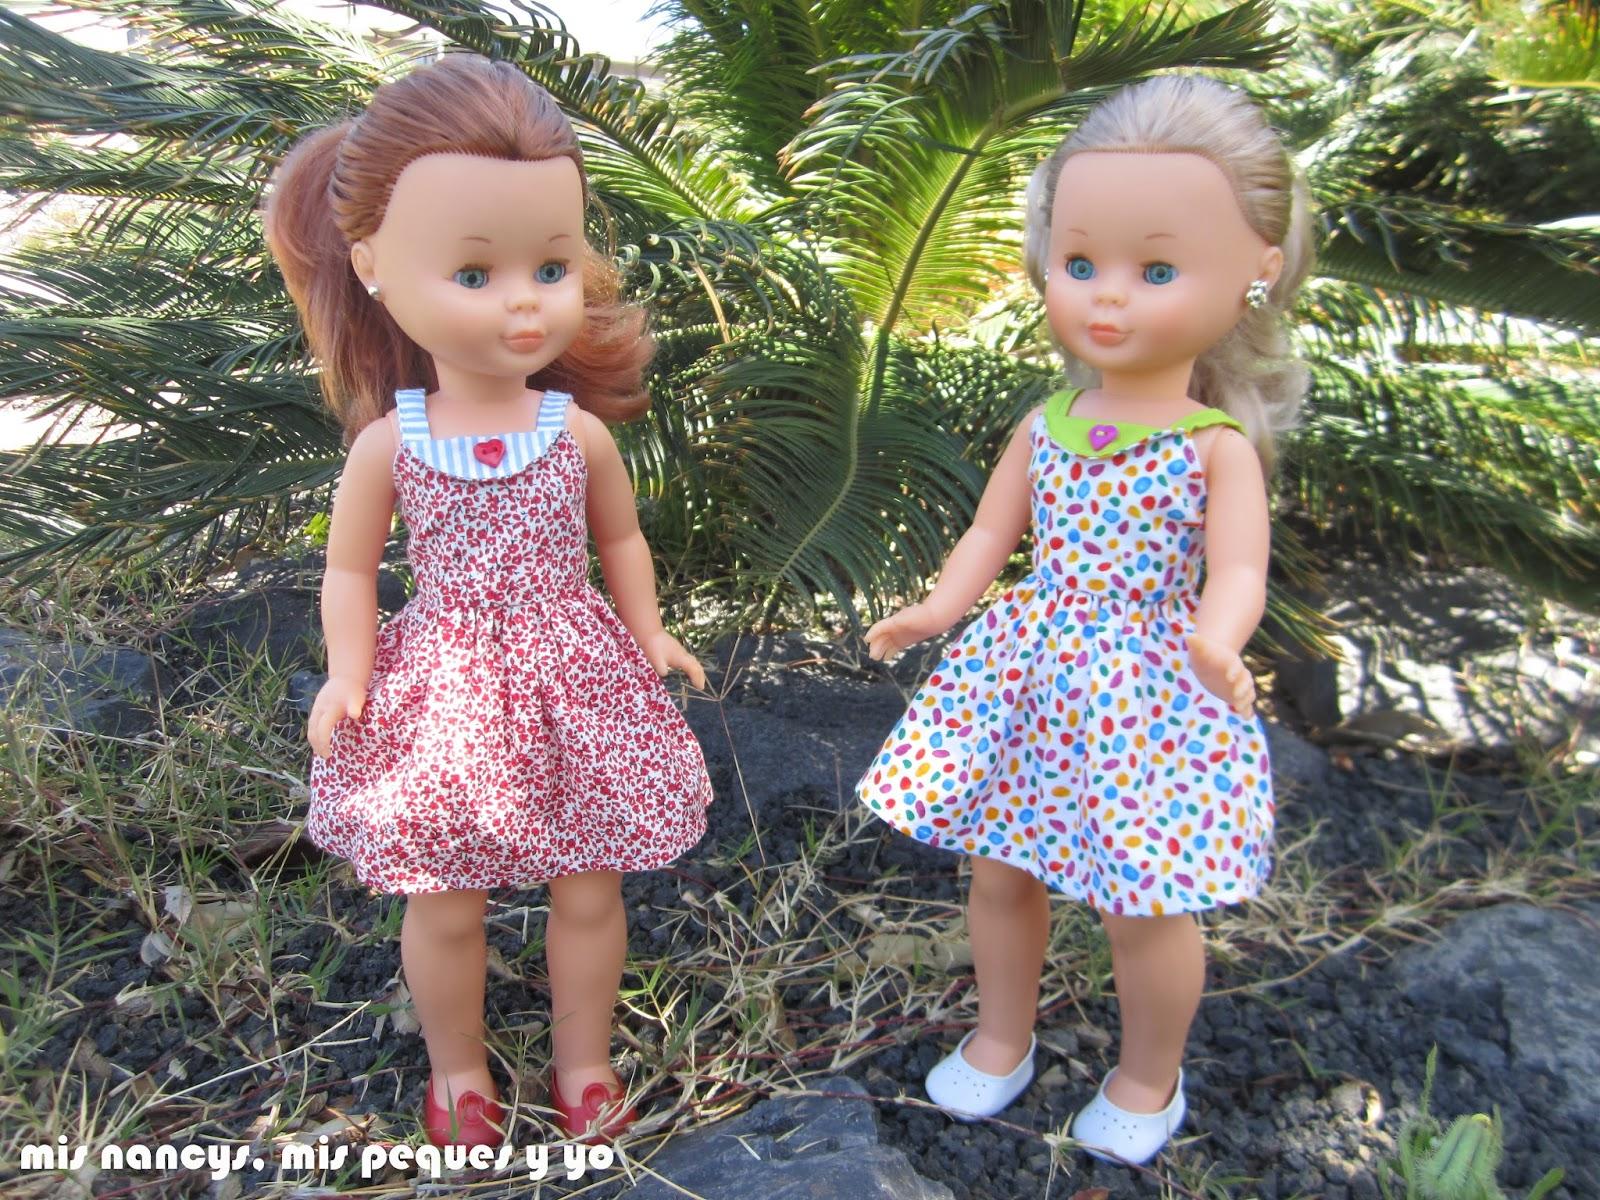 mis nancys, mis peques y yo, vestidos primavera para nancy de anilegra, paseando por el campo